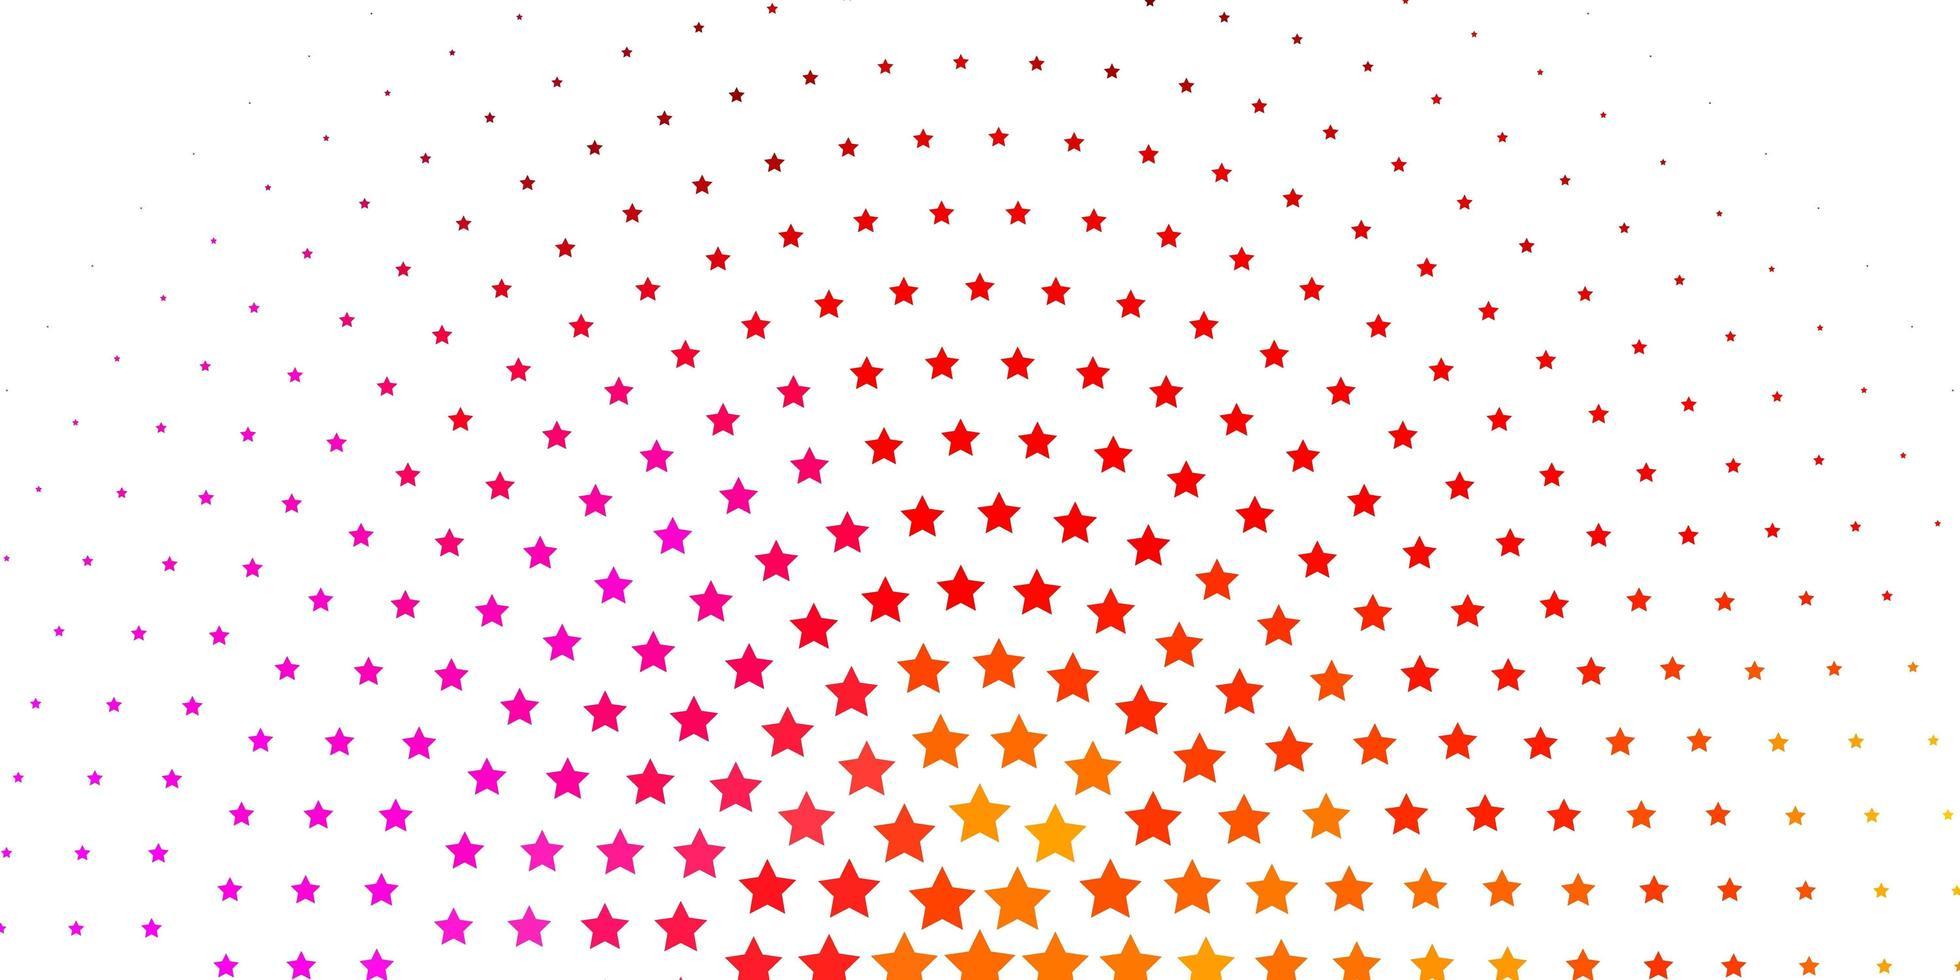 lichtroze, geel vectorpatroon met abstracte sterren. vector